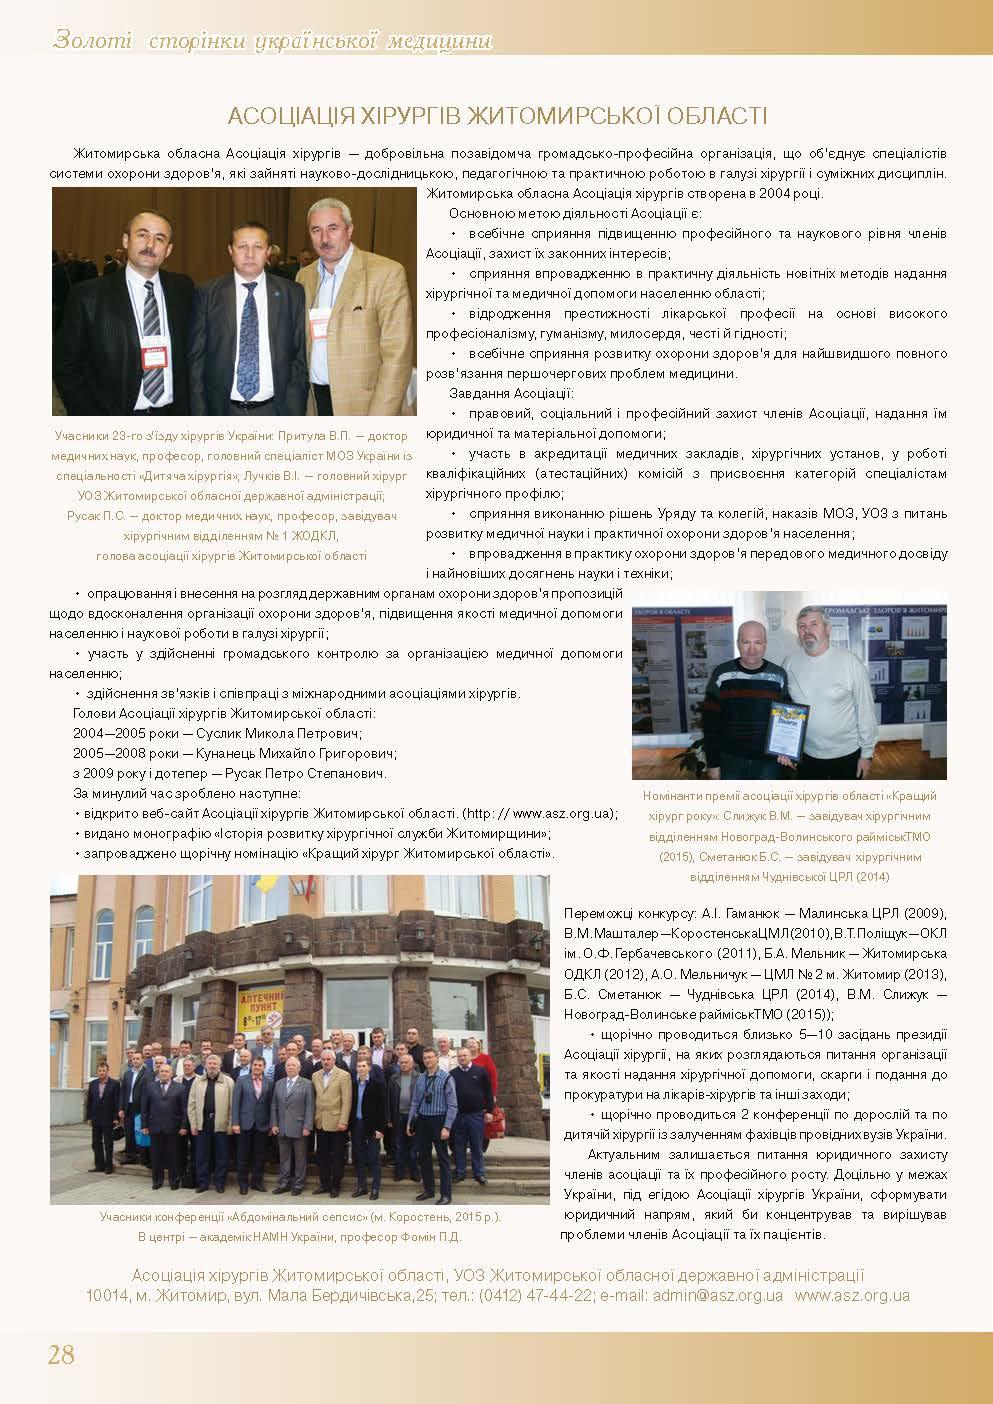 Асоціація хірургів Житомирської області